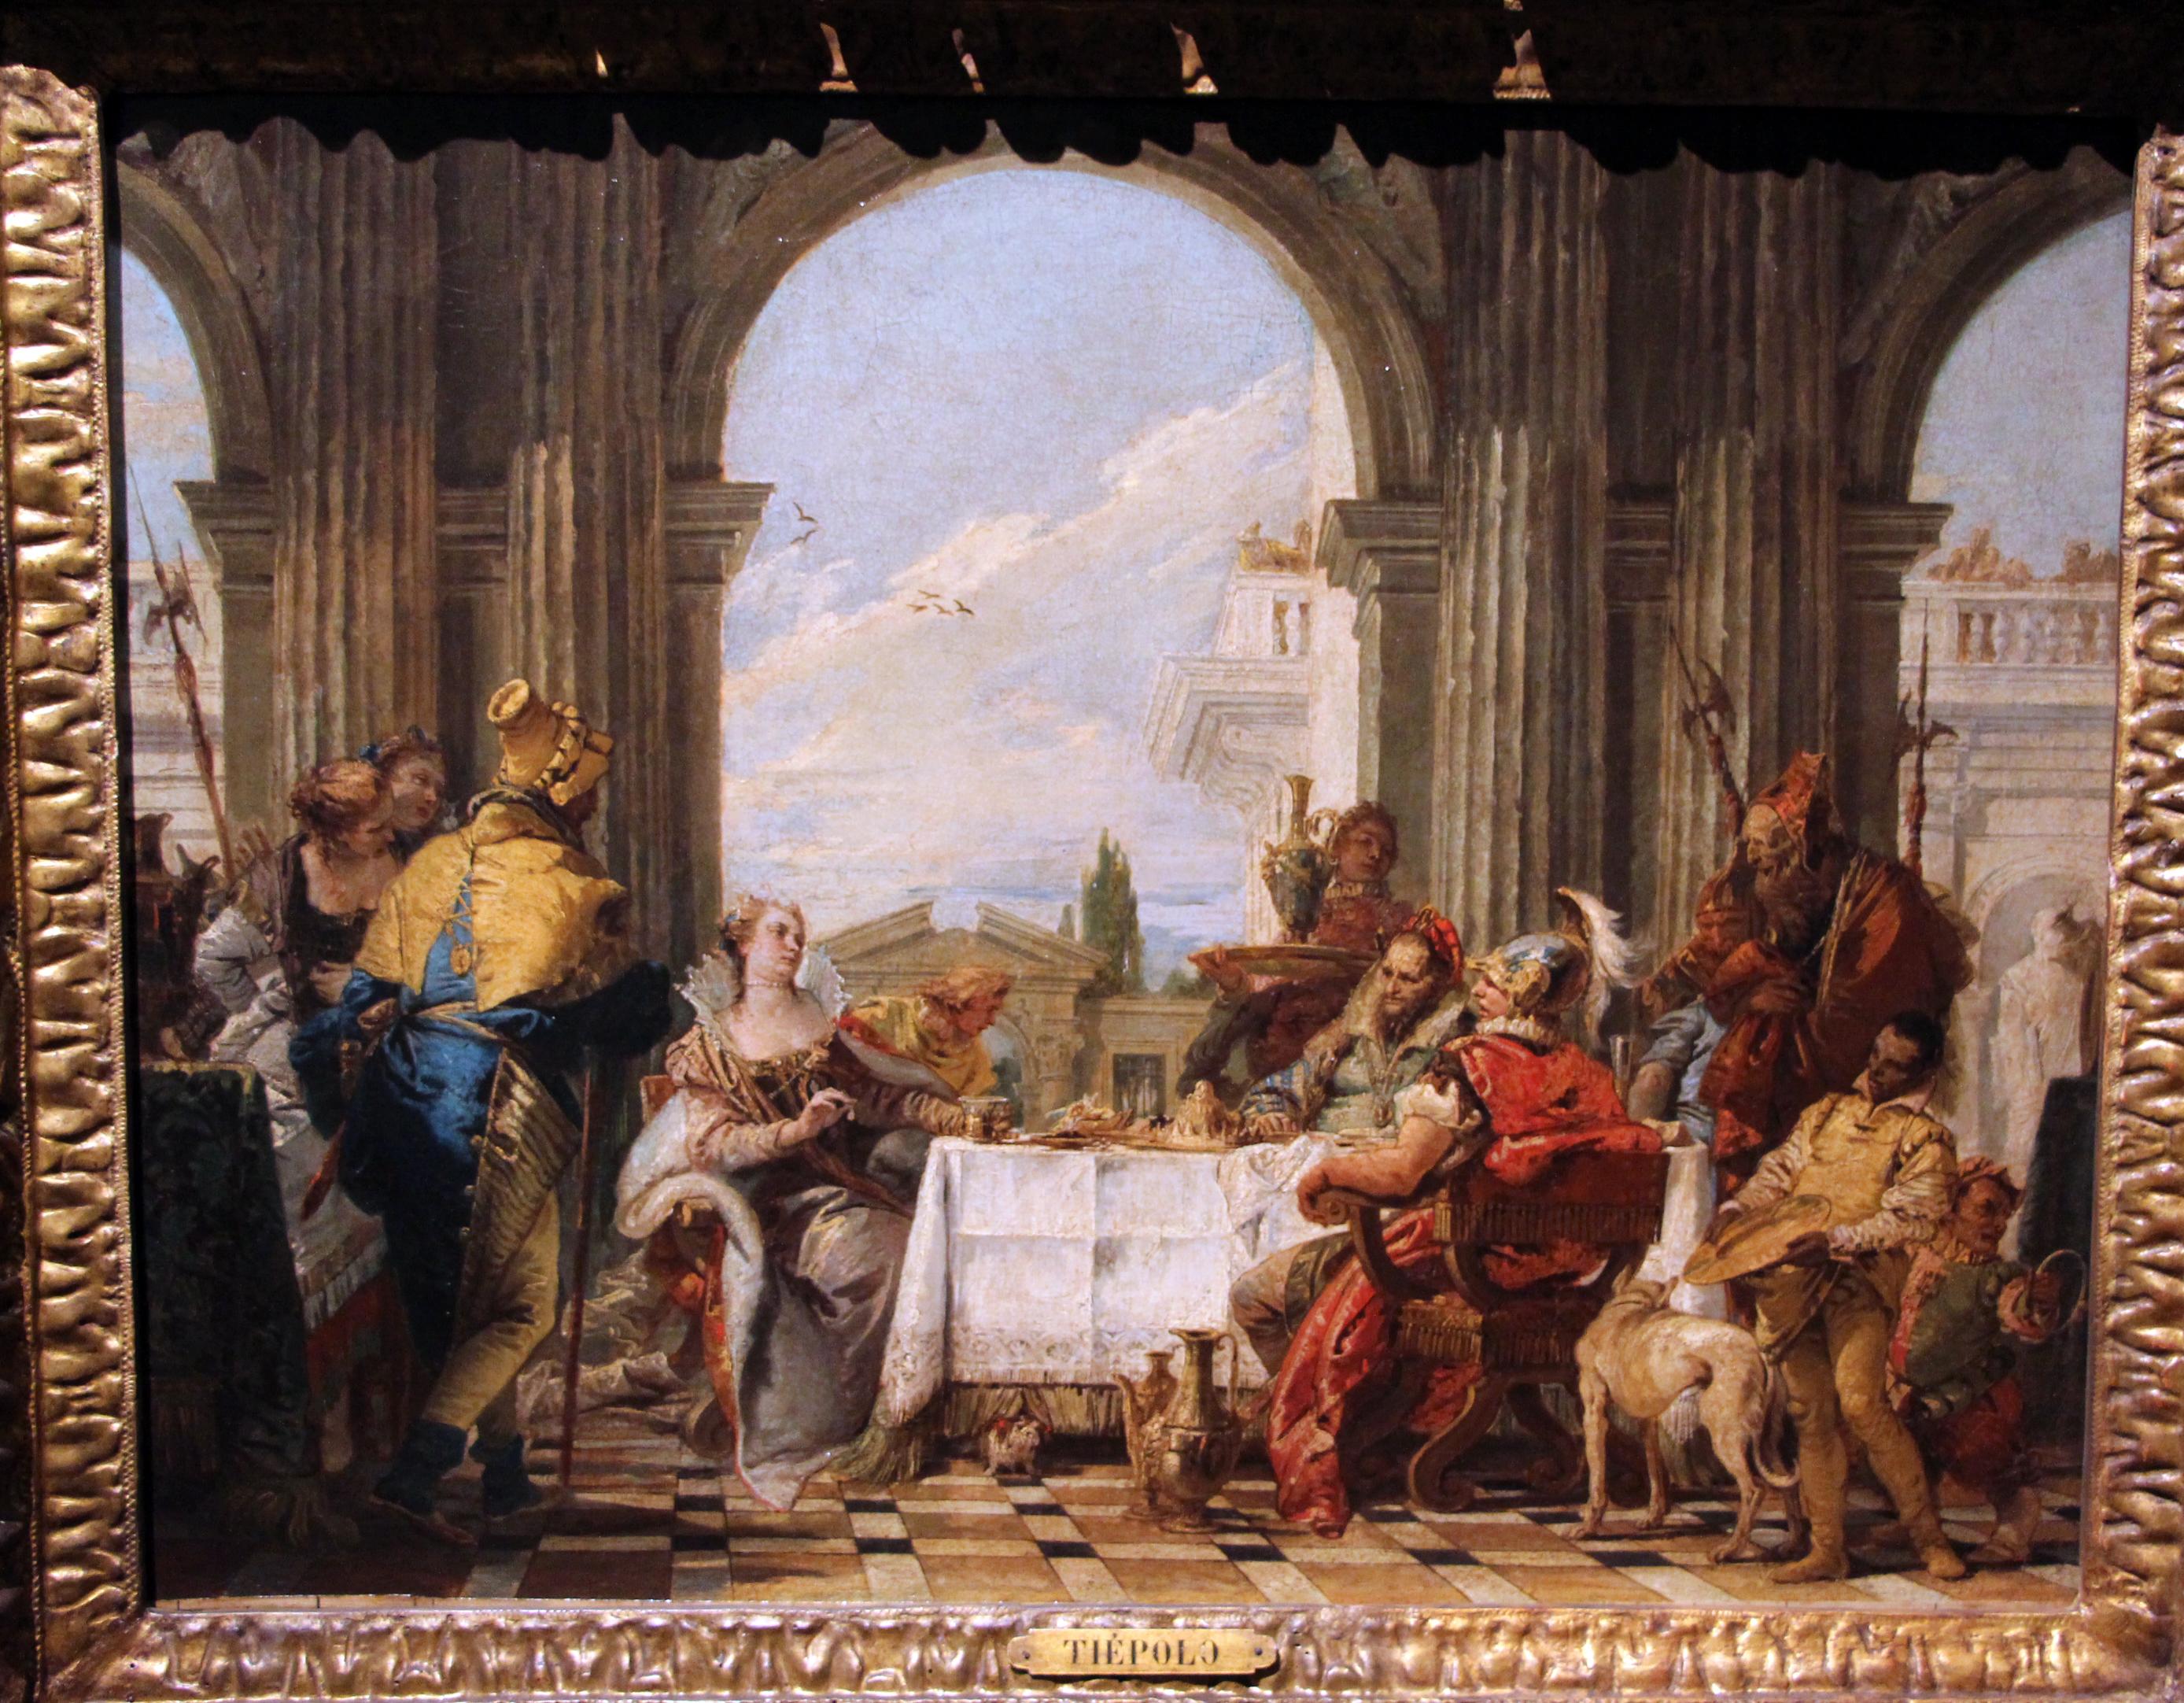 File:Giambattista tiepolo, il banchetto di cleopatra, 1742-43, 02.